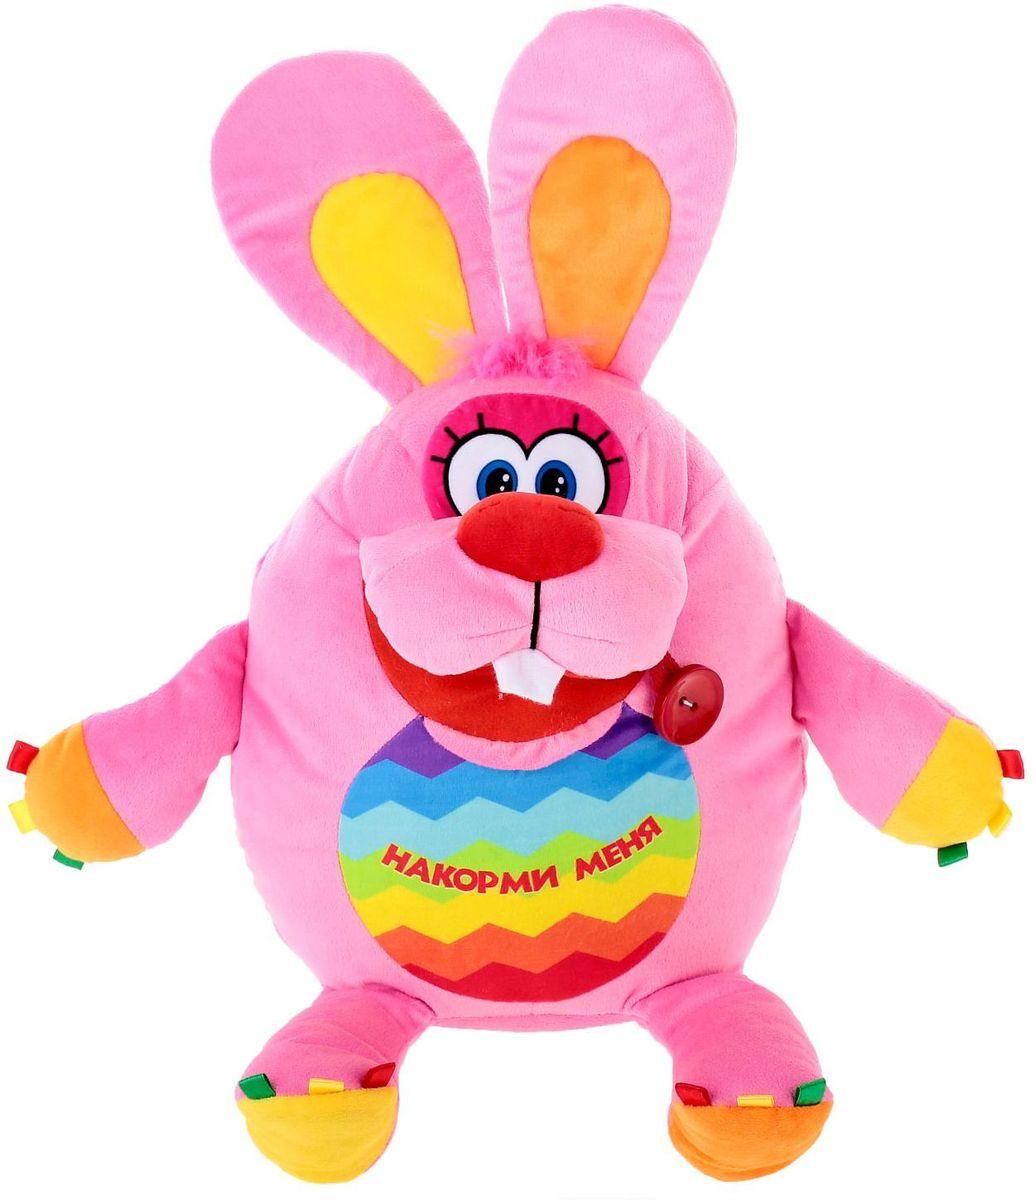 СмолТойс Мягкая игрушка Зайка-развивашка 38 см 2224302 мягкая игрушка смолтойс зайка радужный 51 см